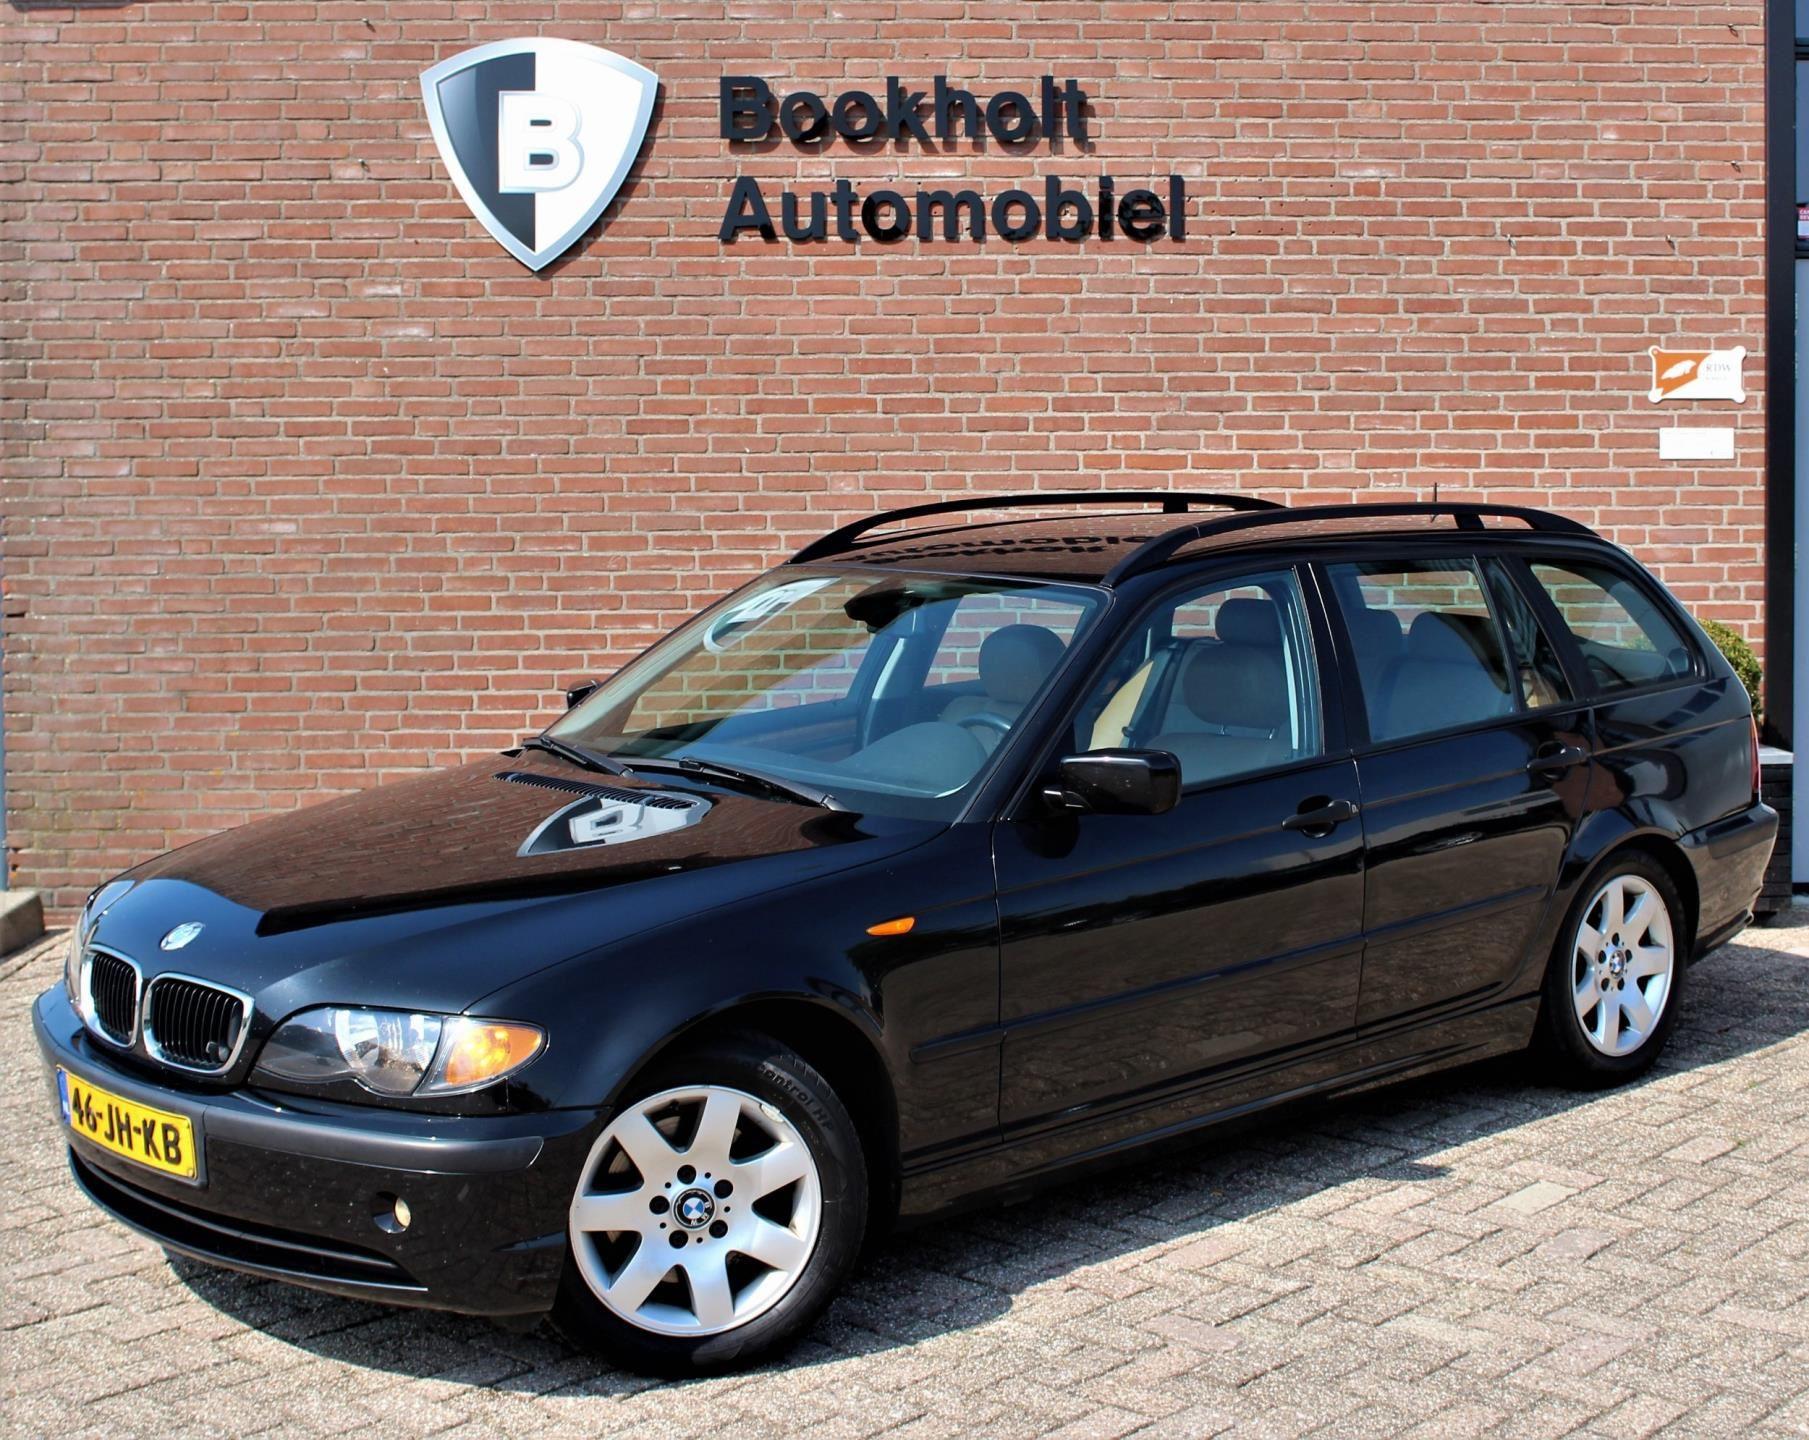 BMW 3-serie Touring occasion - Bookholt Automobiel